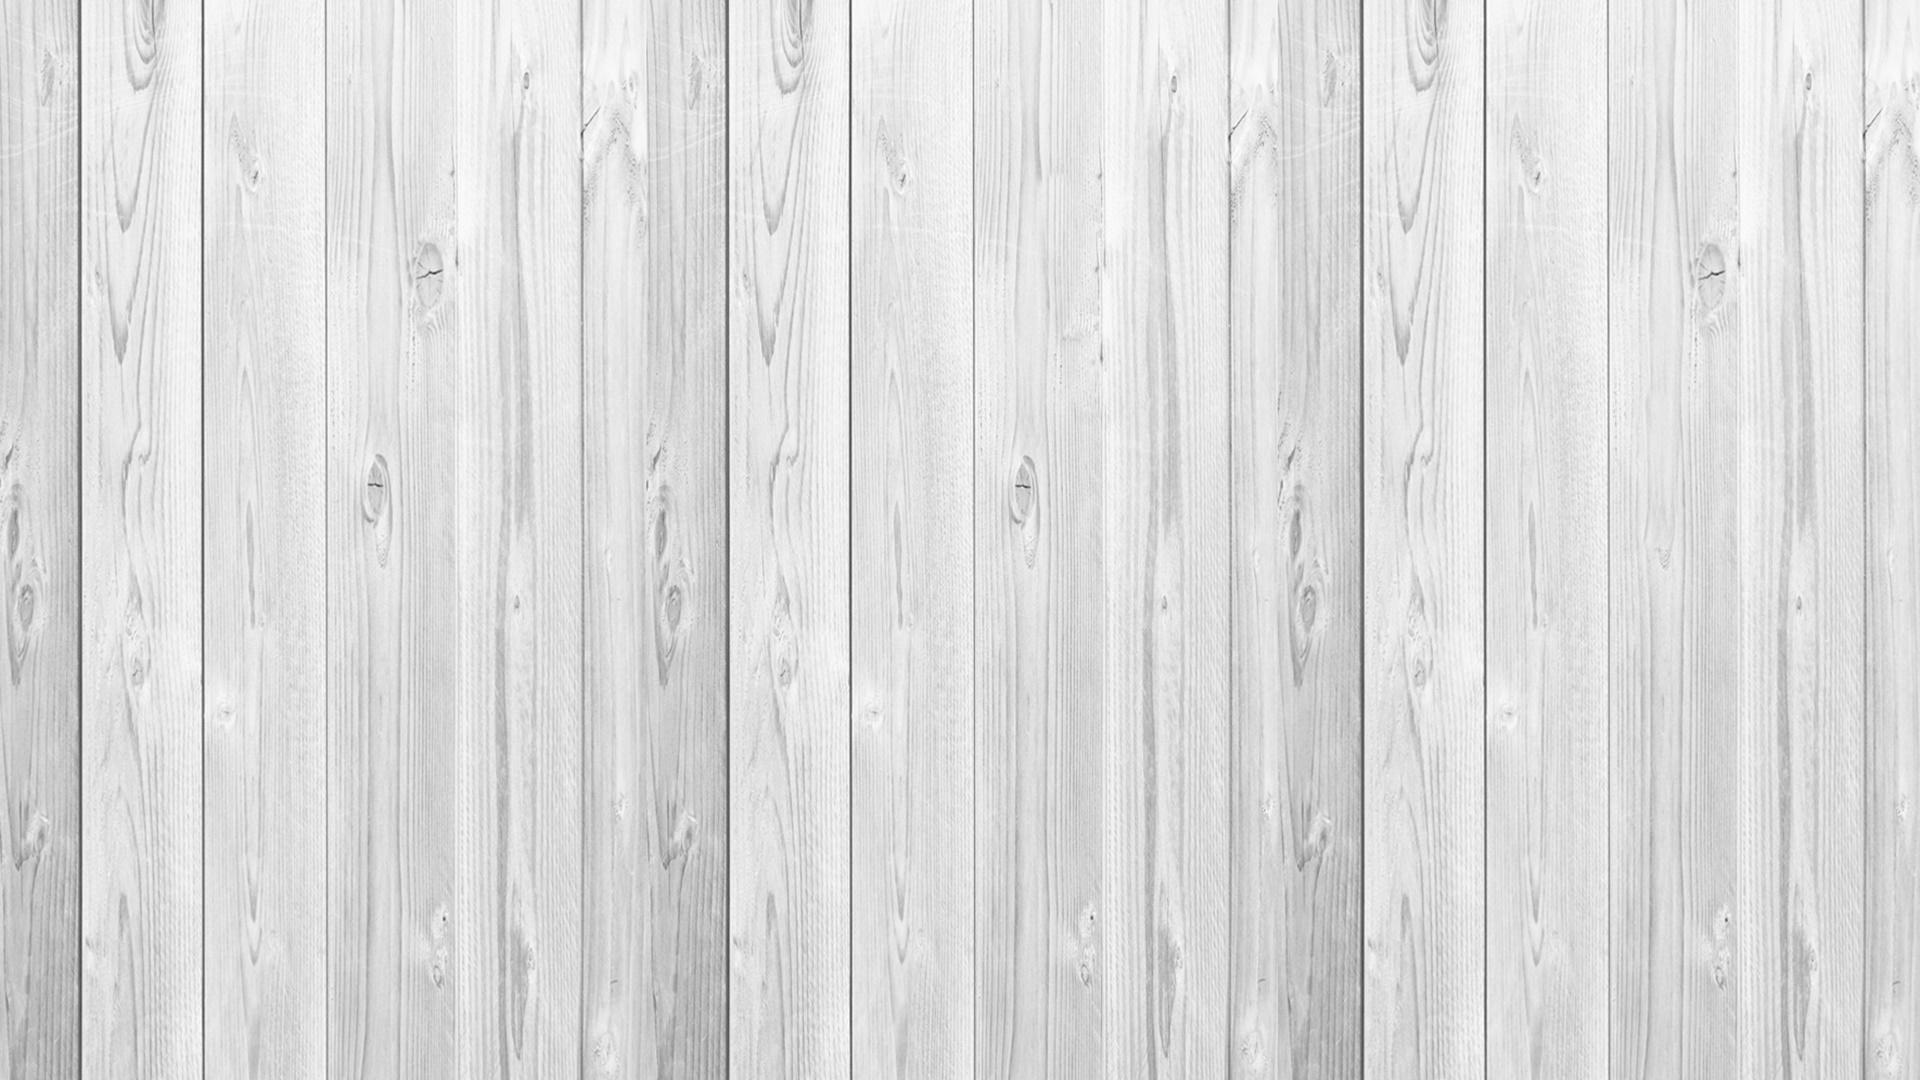 Fondos De Pantalla Blanco Madera Escritorio 1920x1080